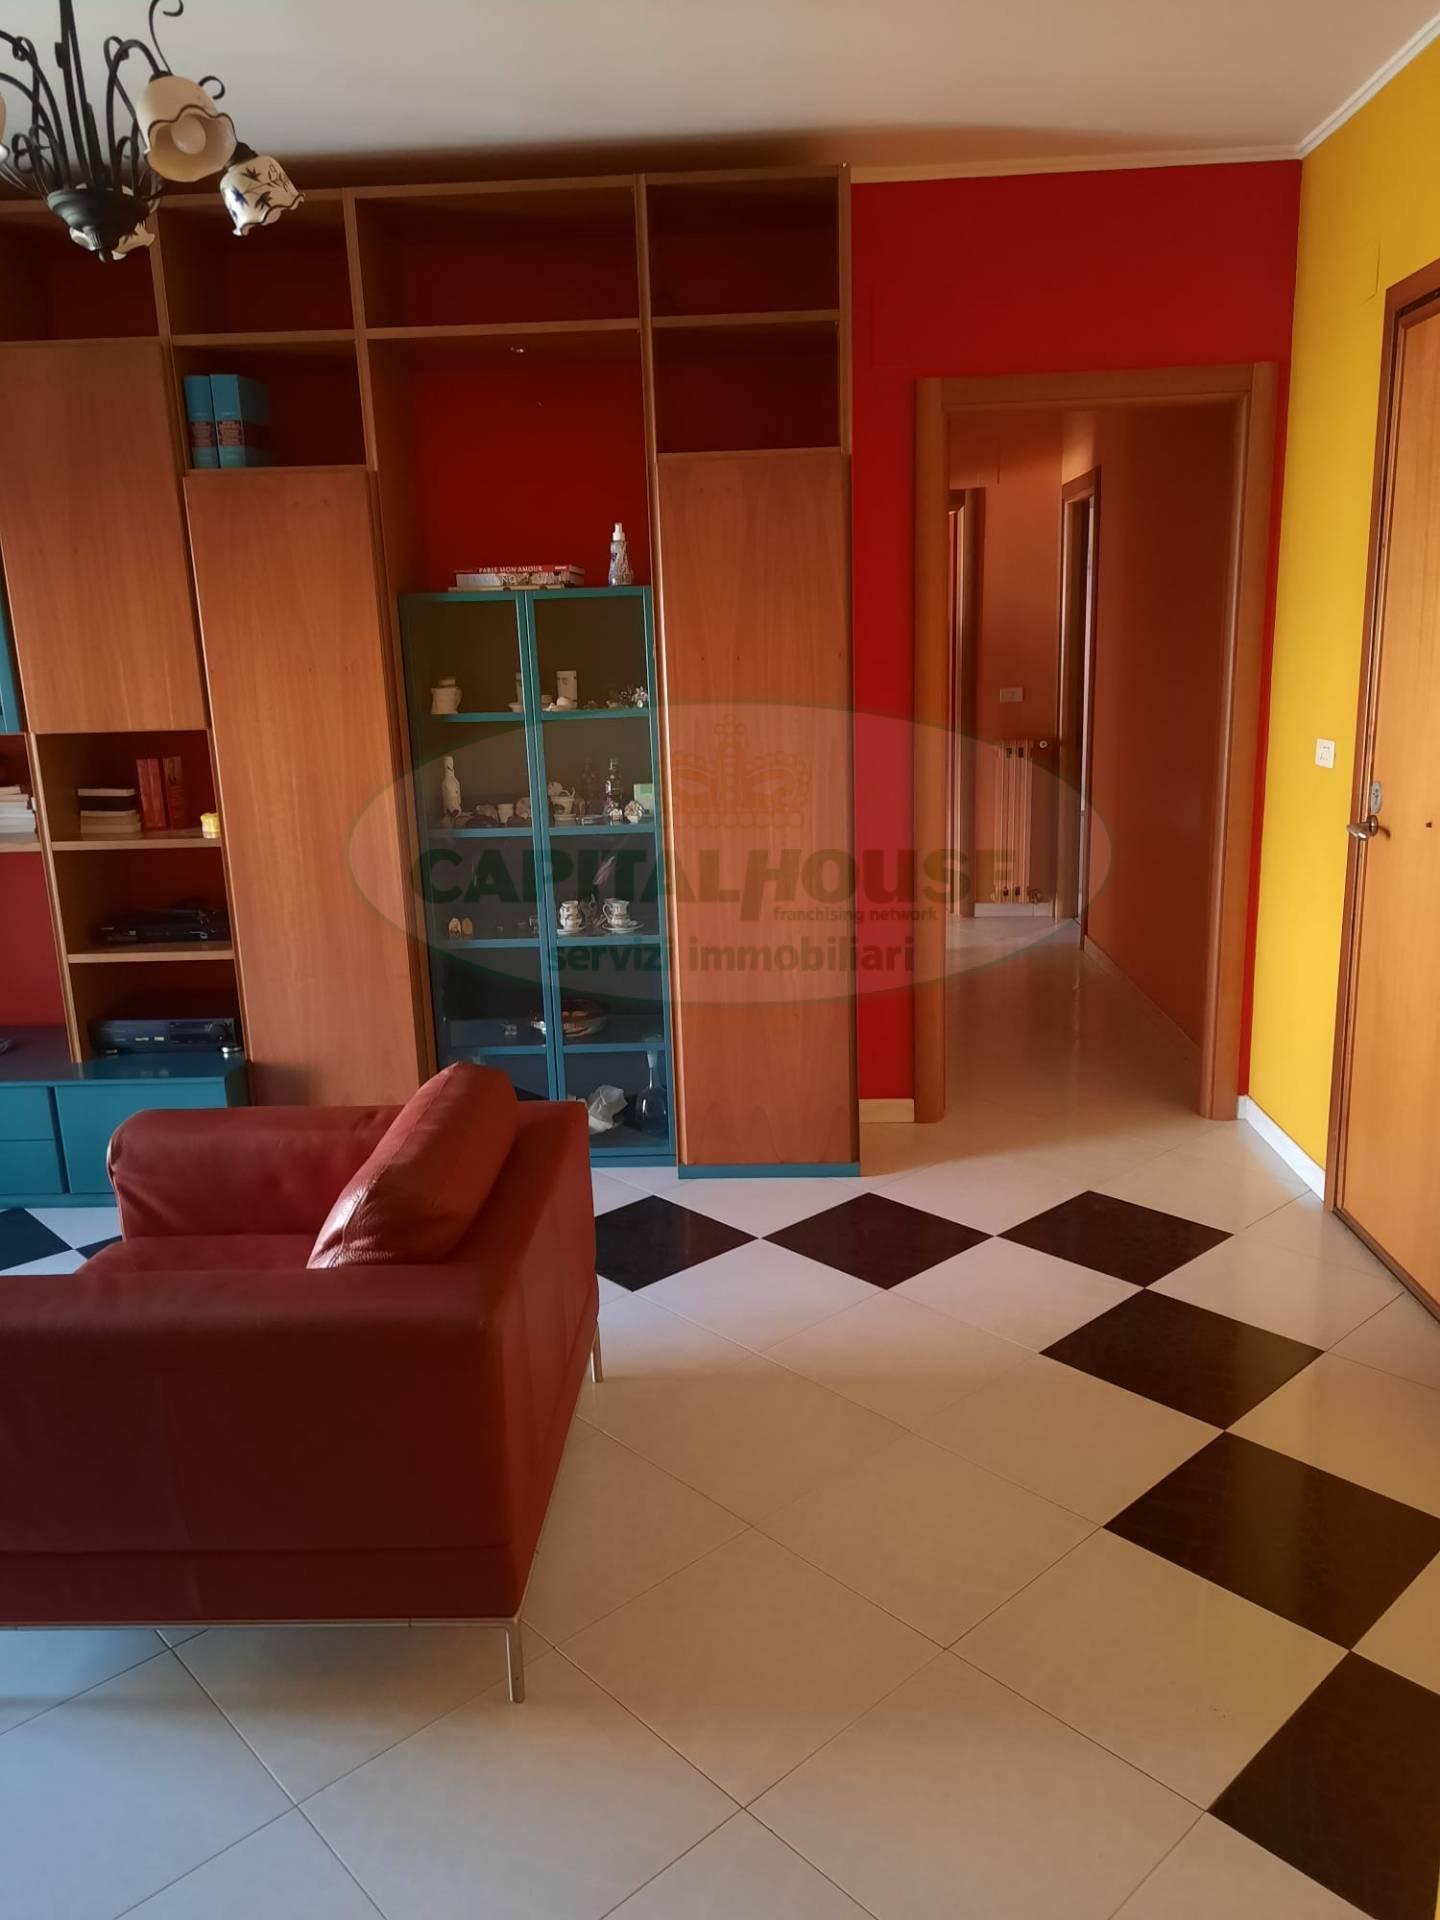 Appartamento in vendita a Marigliano, 3 locali, prezzo € 125.000 | CambioCasa.it